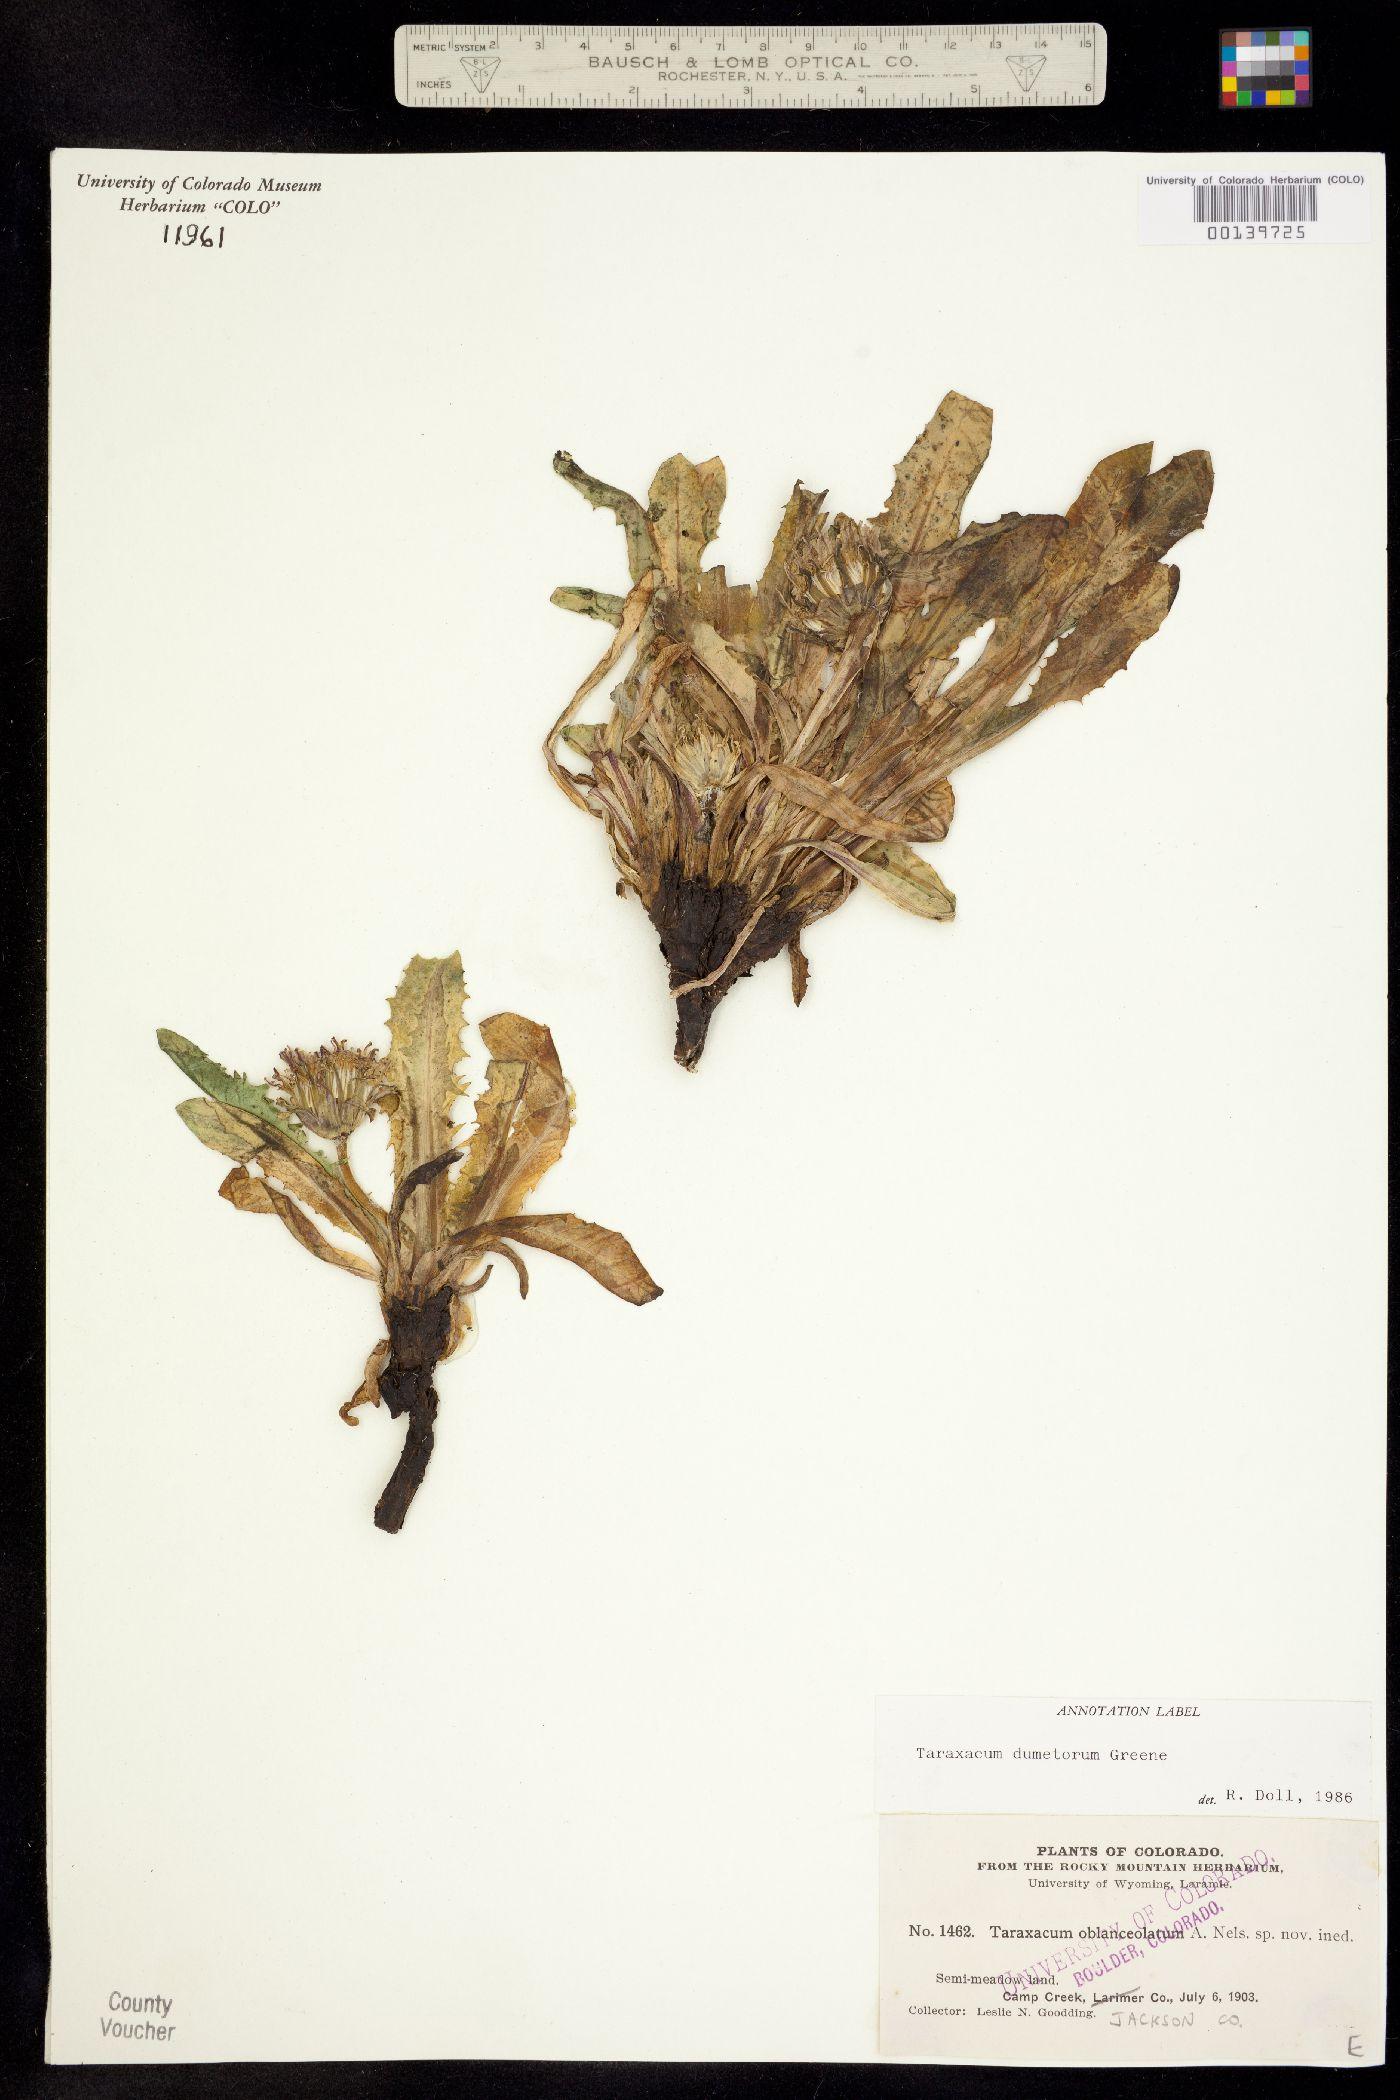 Taraxacum dumetorum image